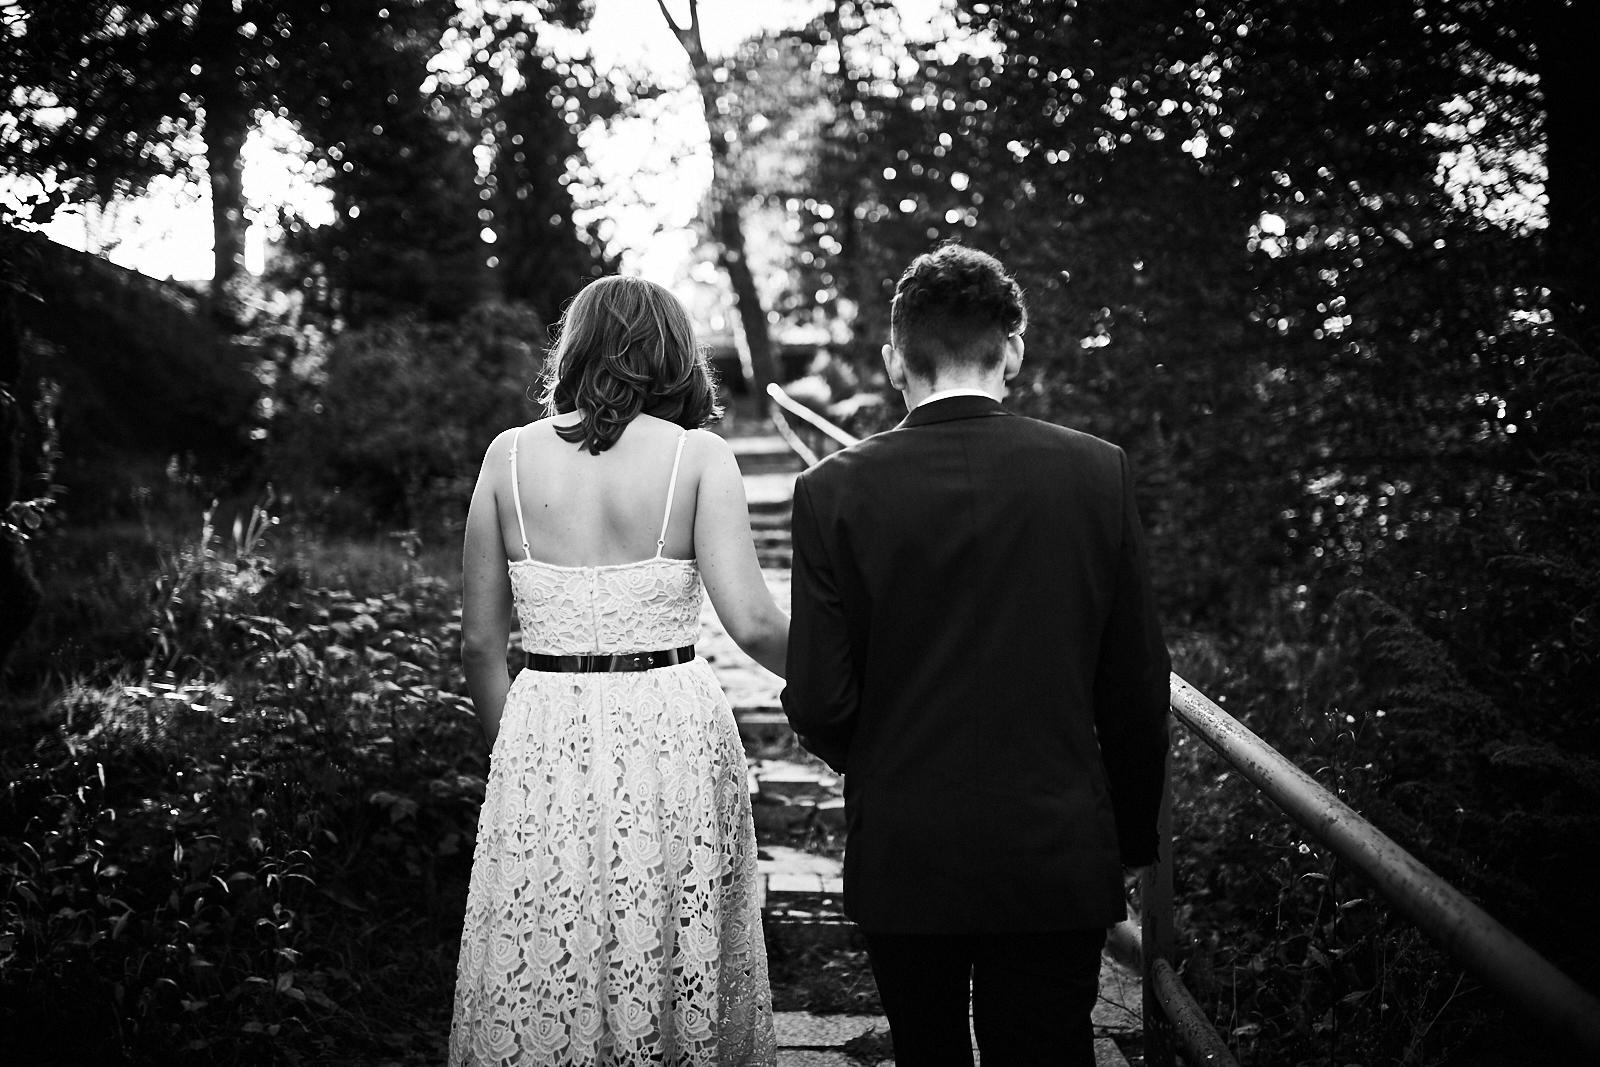 Laura & Mateusz - Hochzeit in Polen - mpassin